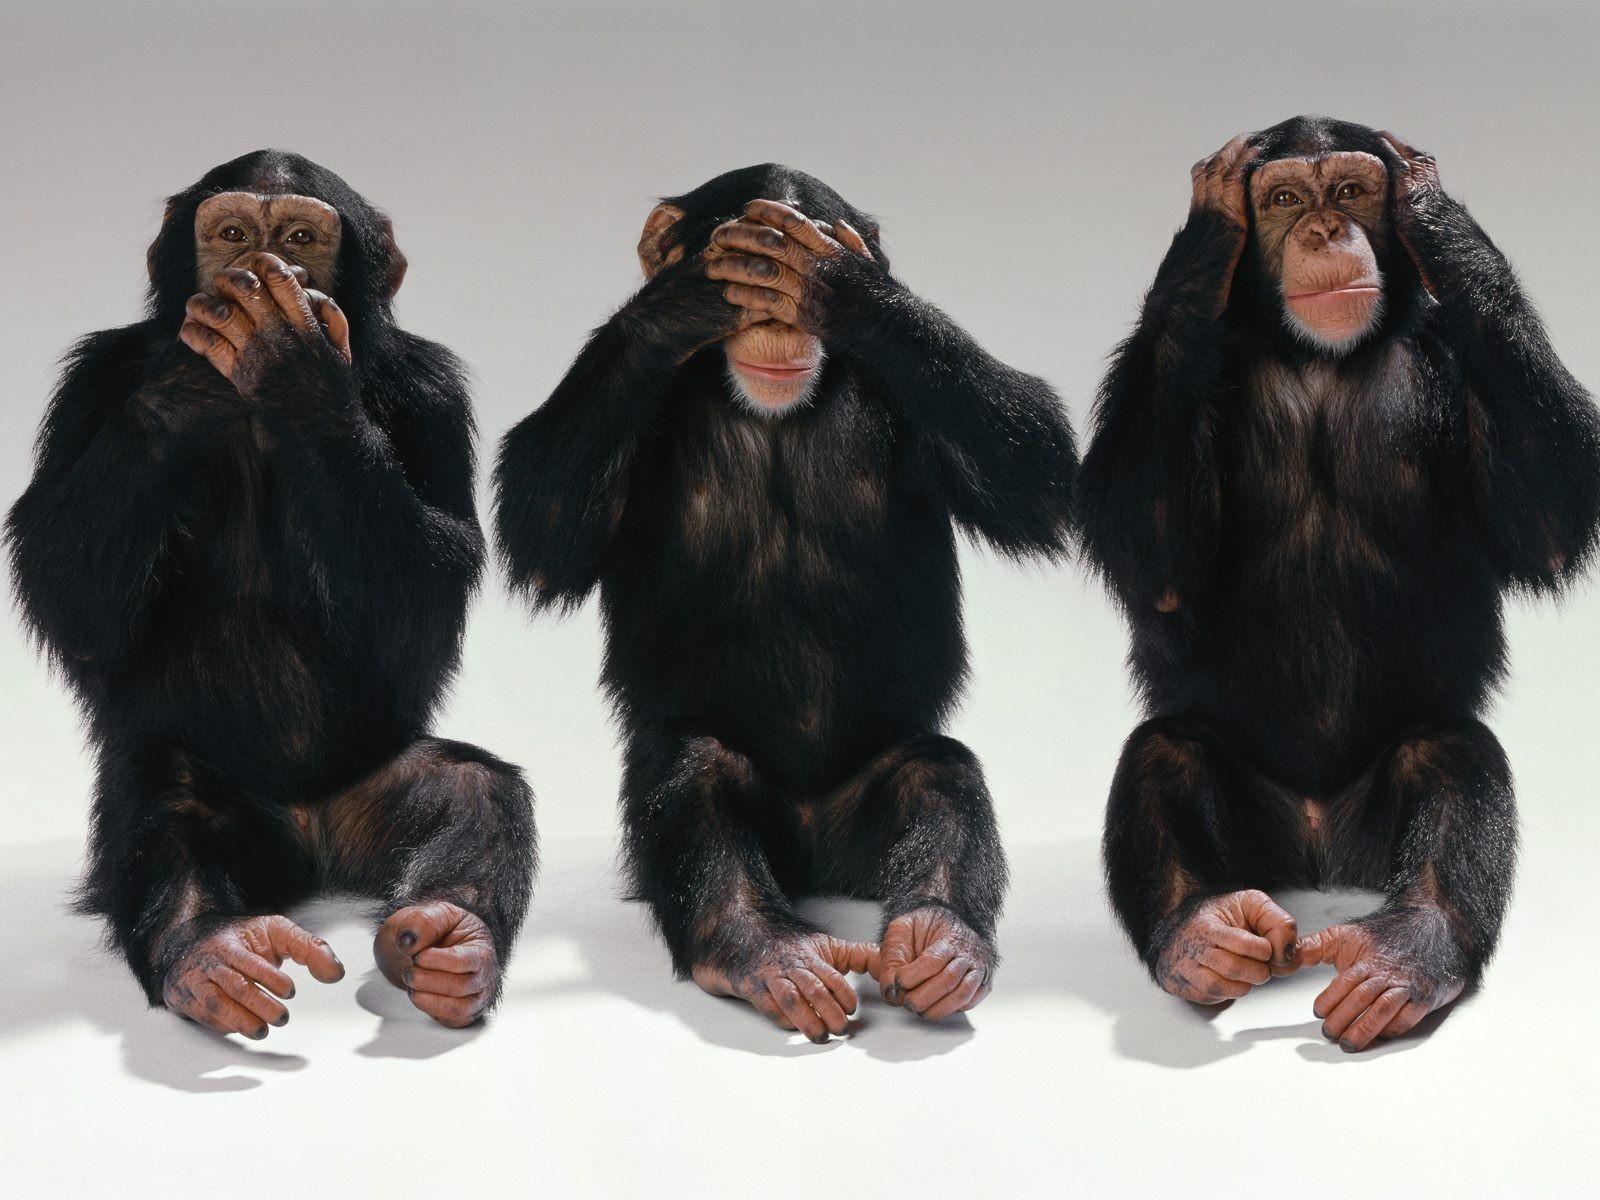 картинки трех обезьянок пчёл четкой